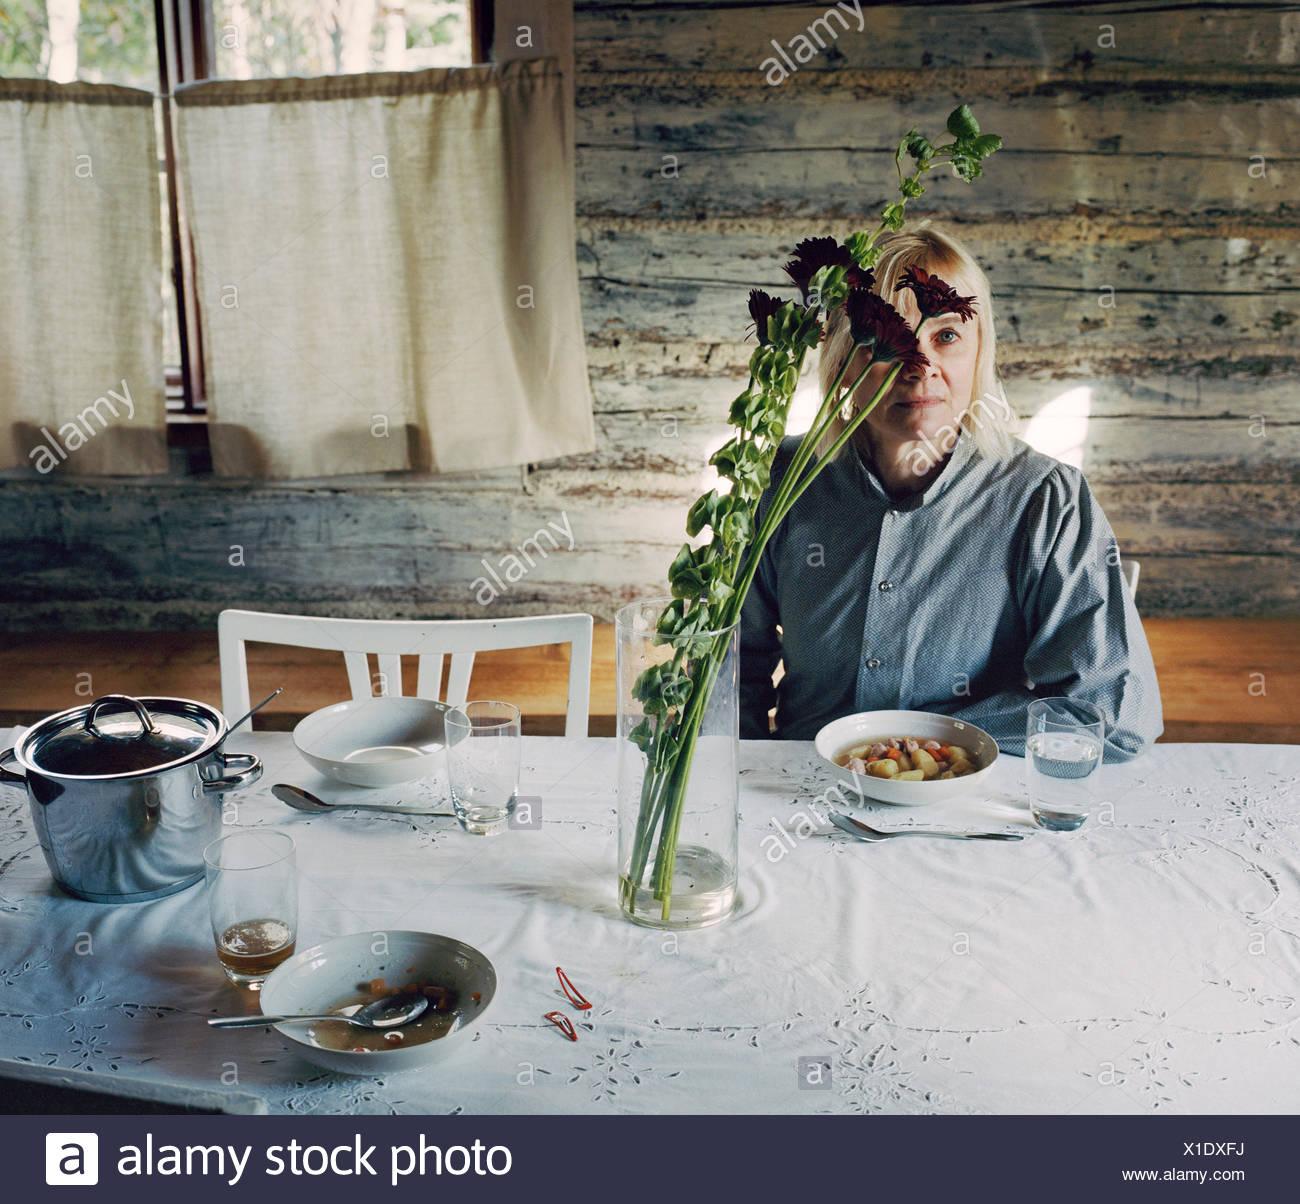 Finnland, Reife Frau, die am Tisch sitzen Stockbild